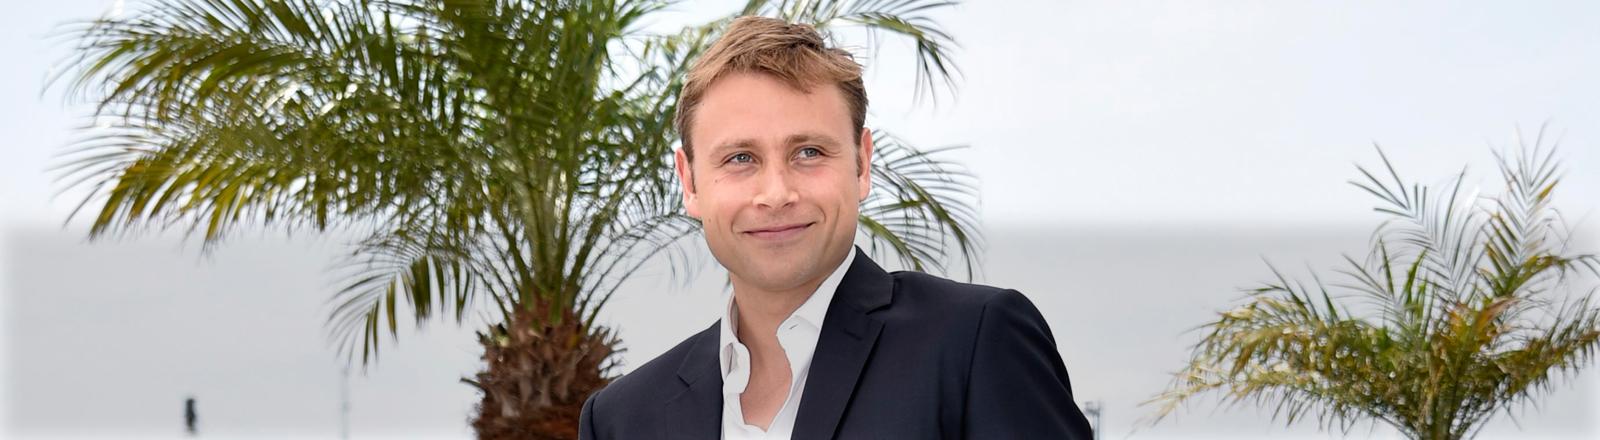 Max Riemelt bei den Filmfestspielen von Cannes.